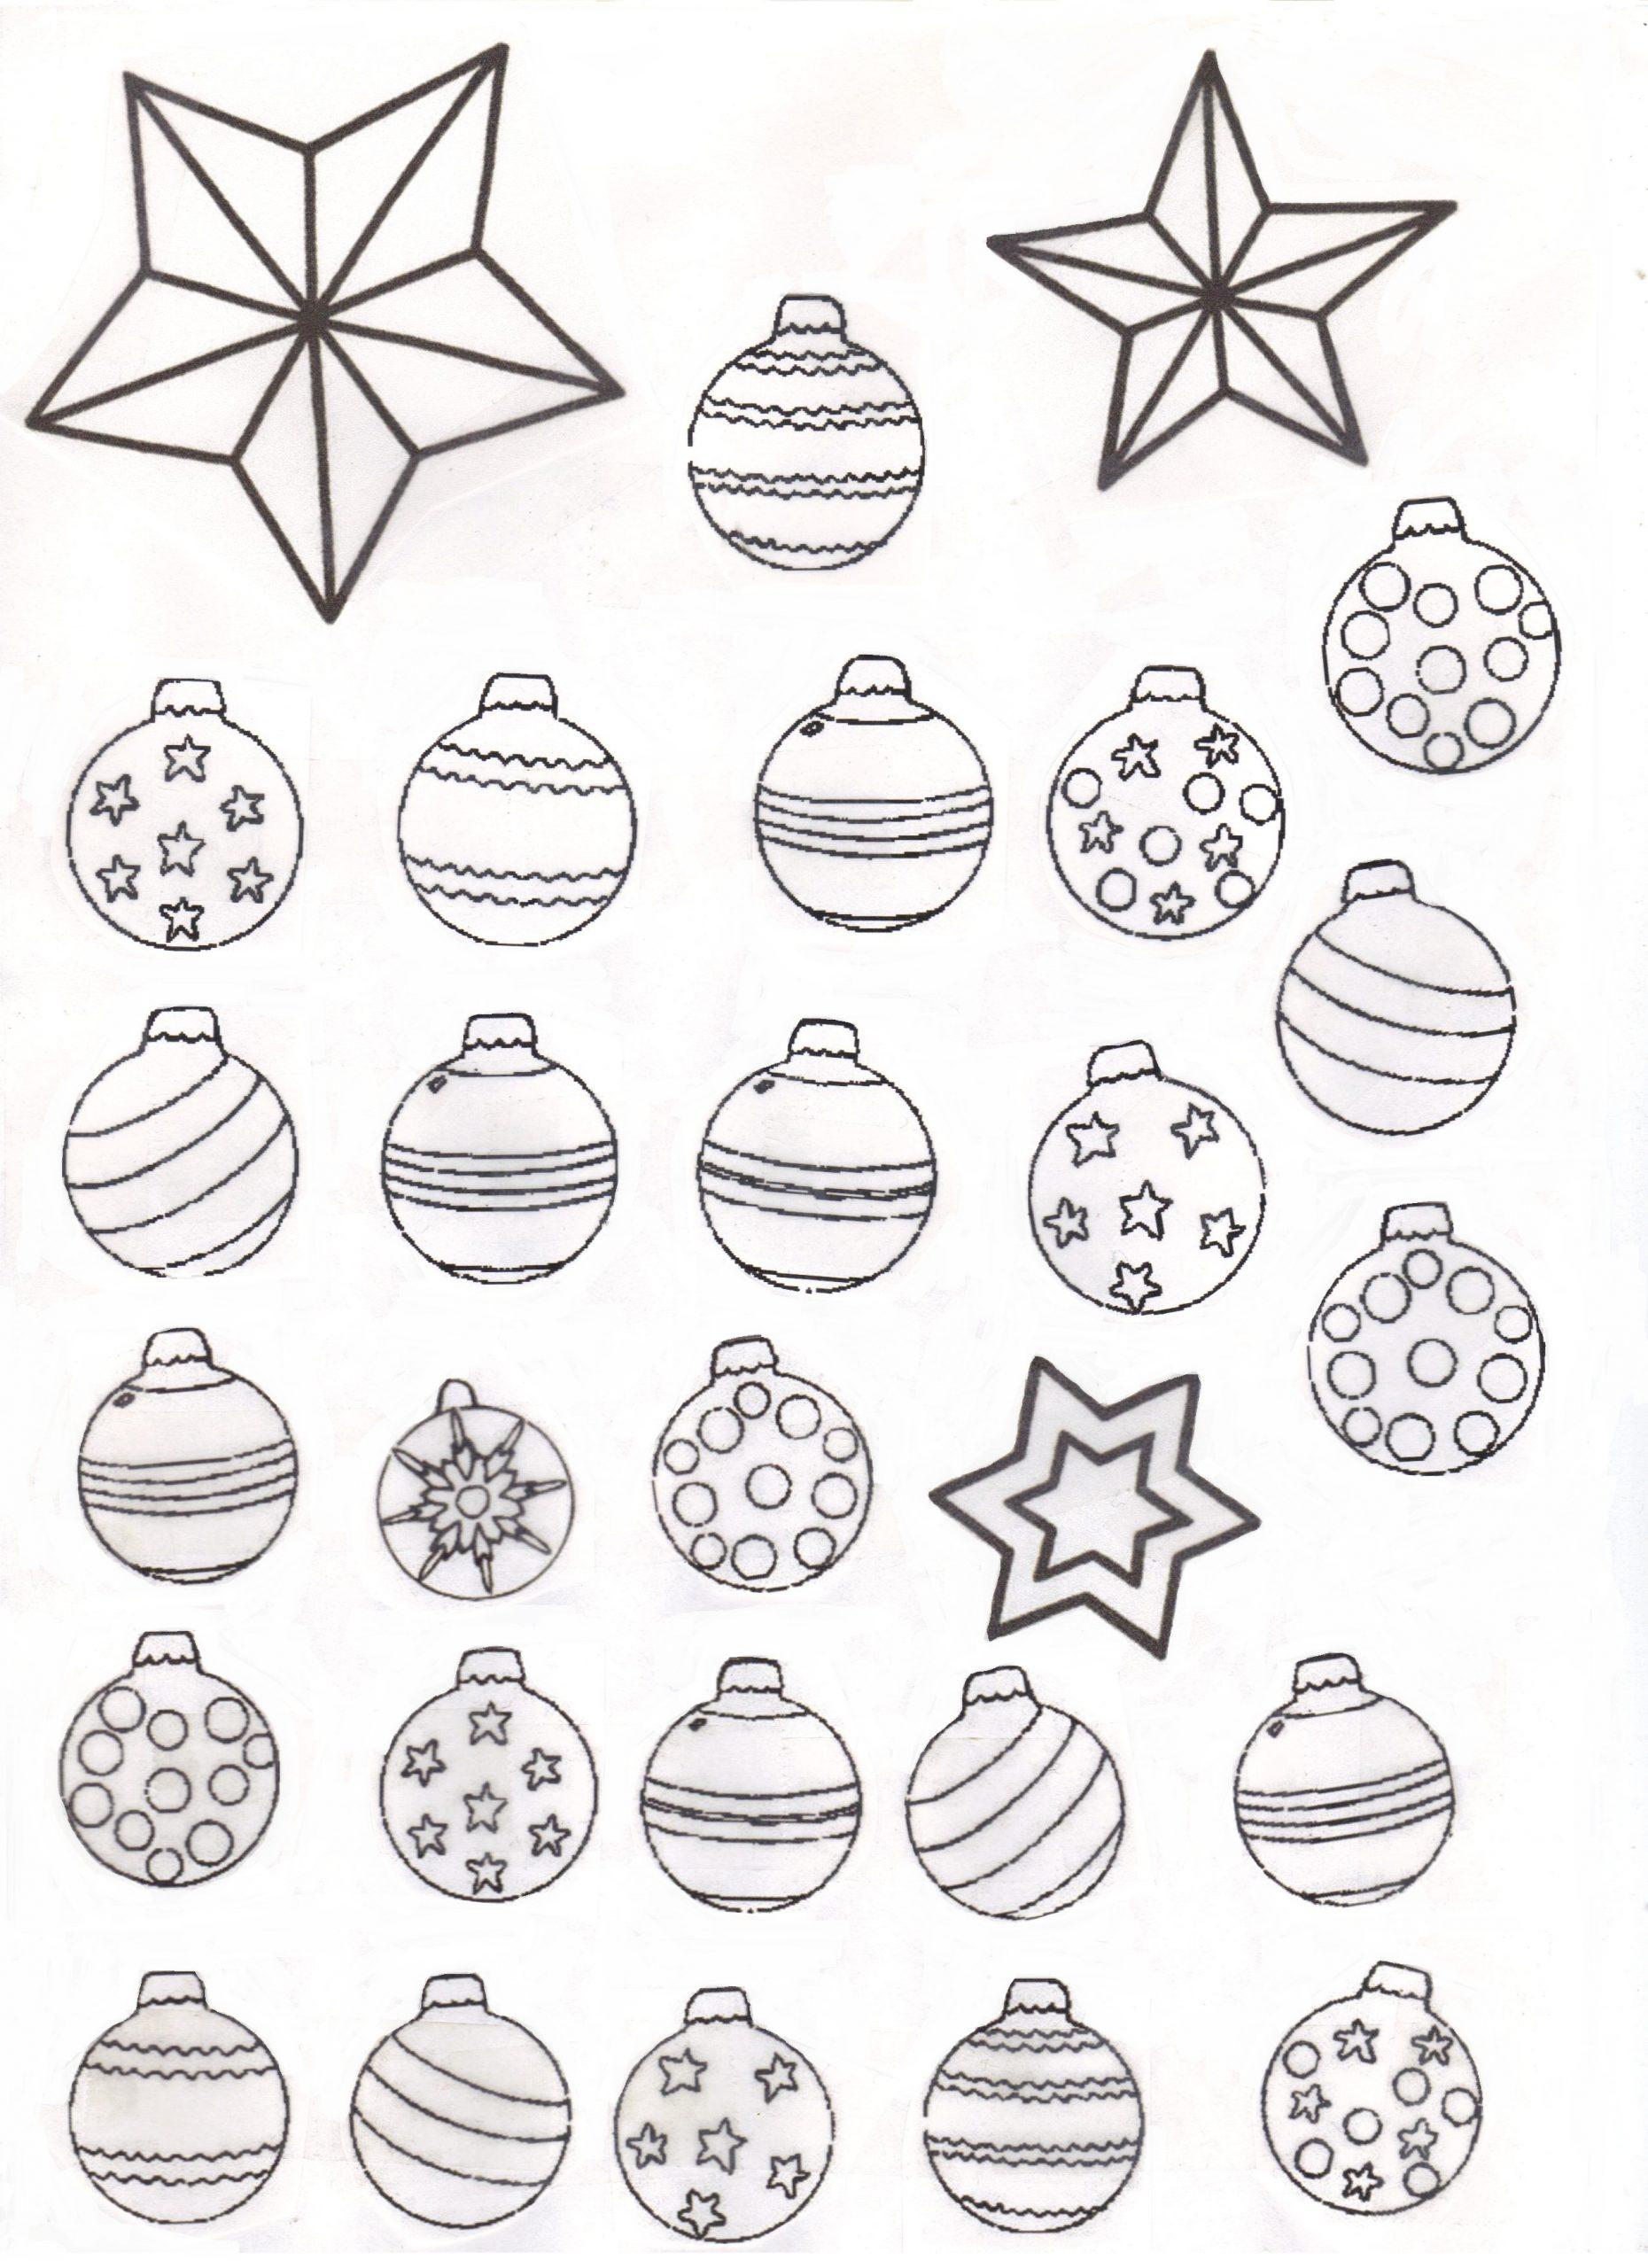 Dessin À Colorier Boule De Noel Gratuit À Imprimer tout Dessin A Colorier De Noel Gratuit A Imprimer